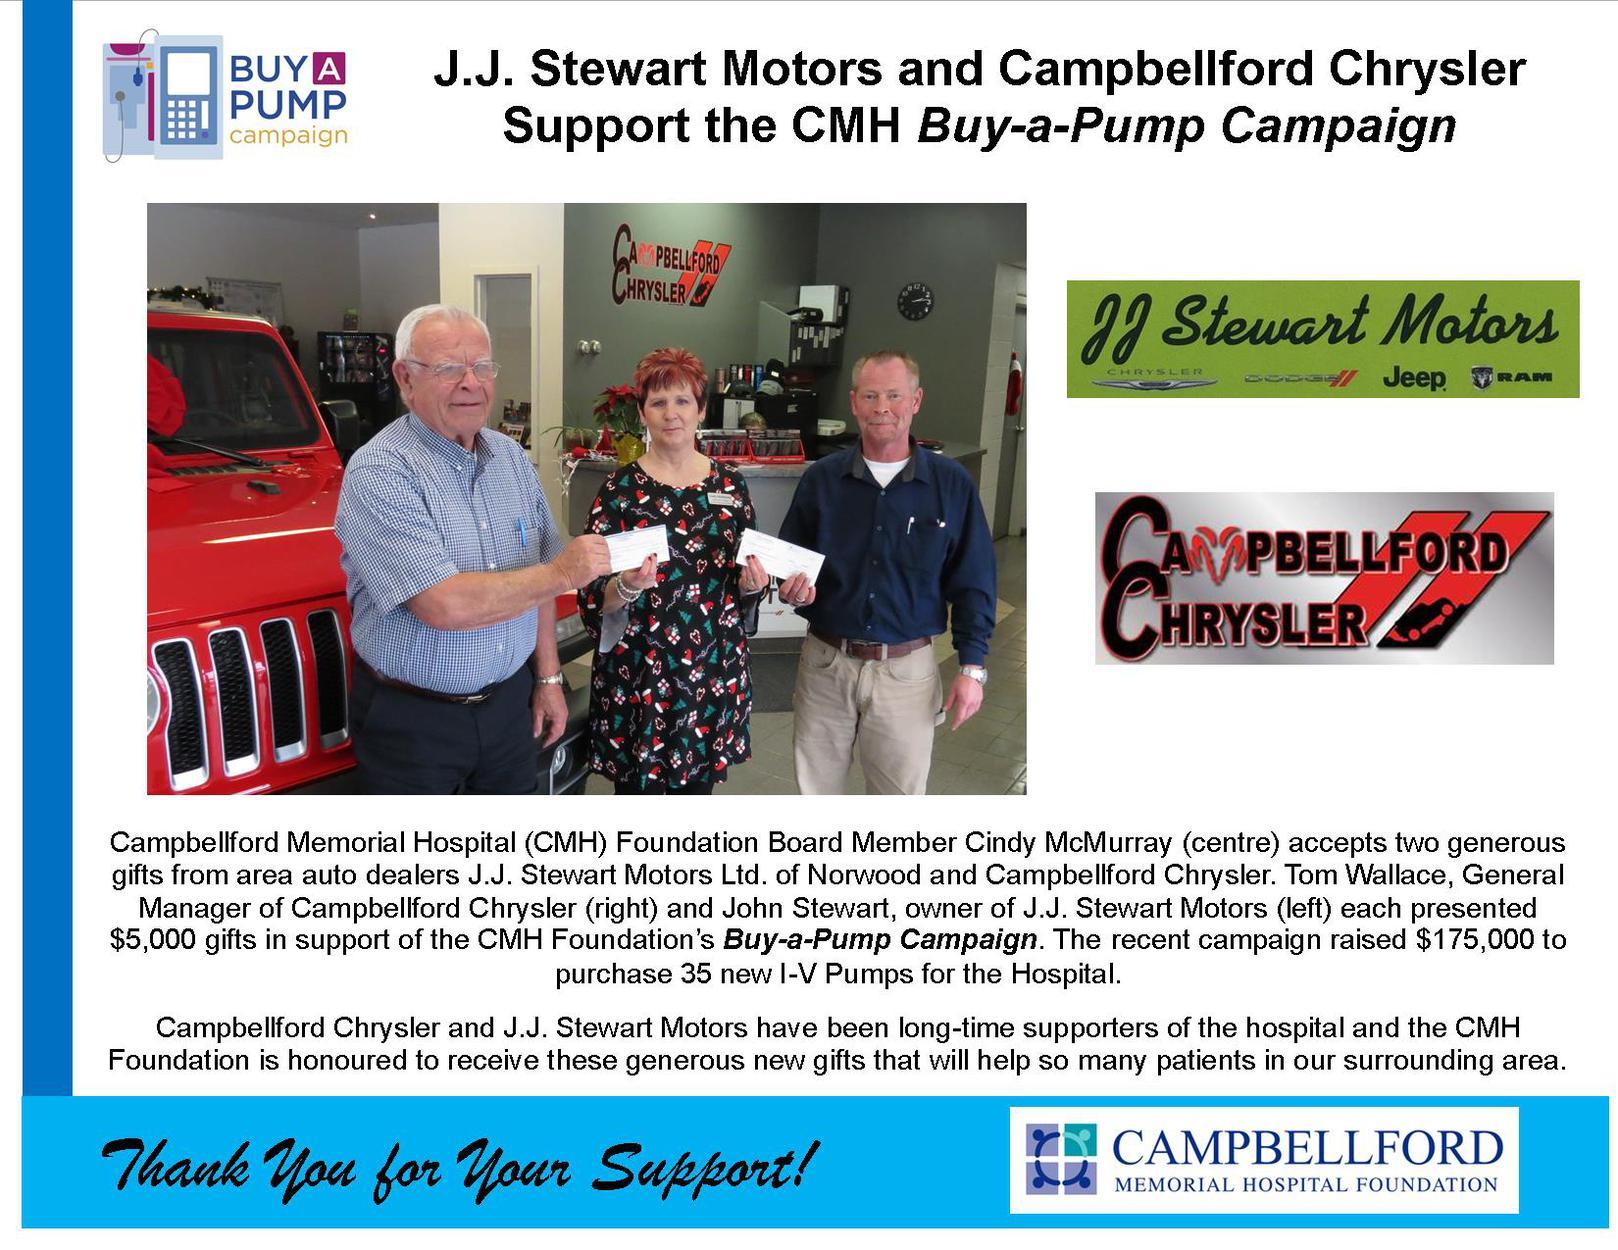 JJ Stewart & Campbellford Chrysler 2019